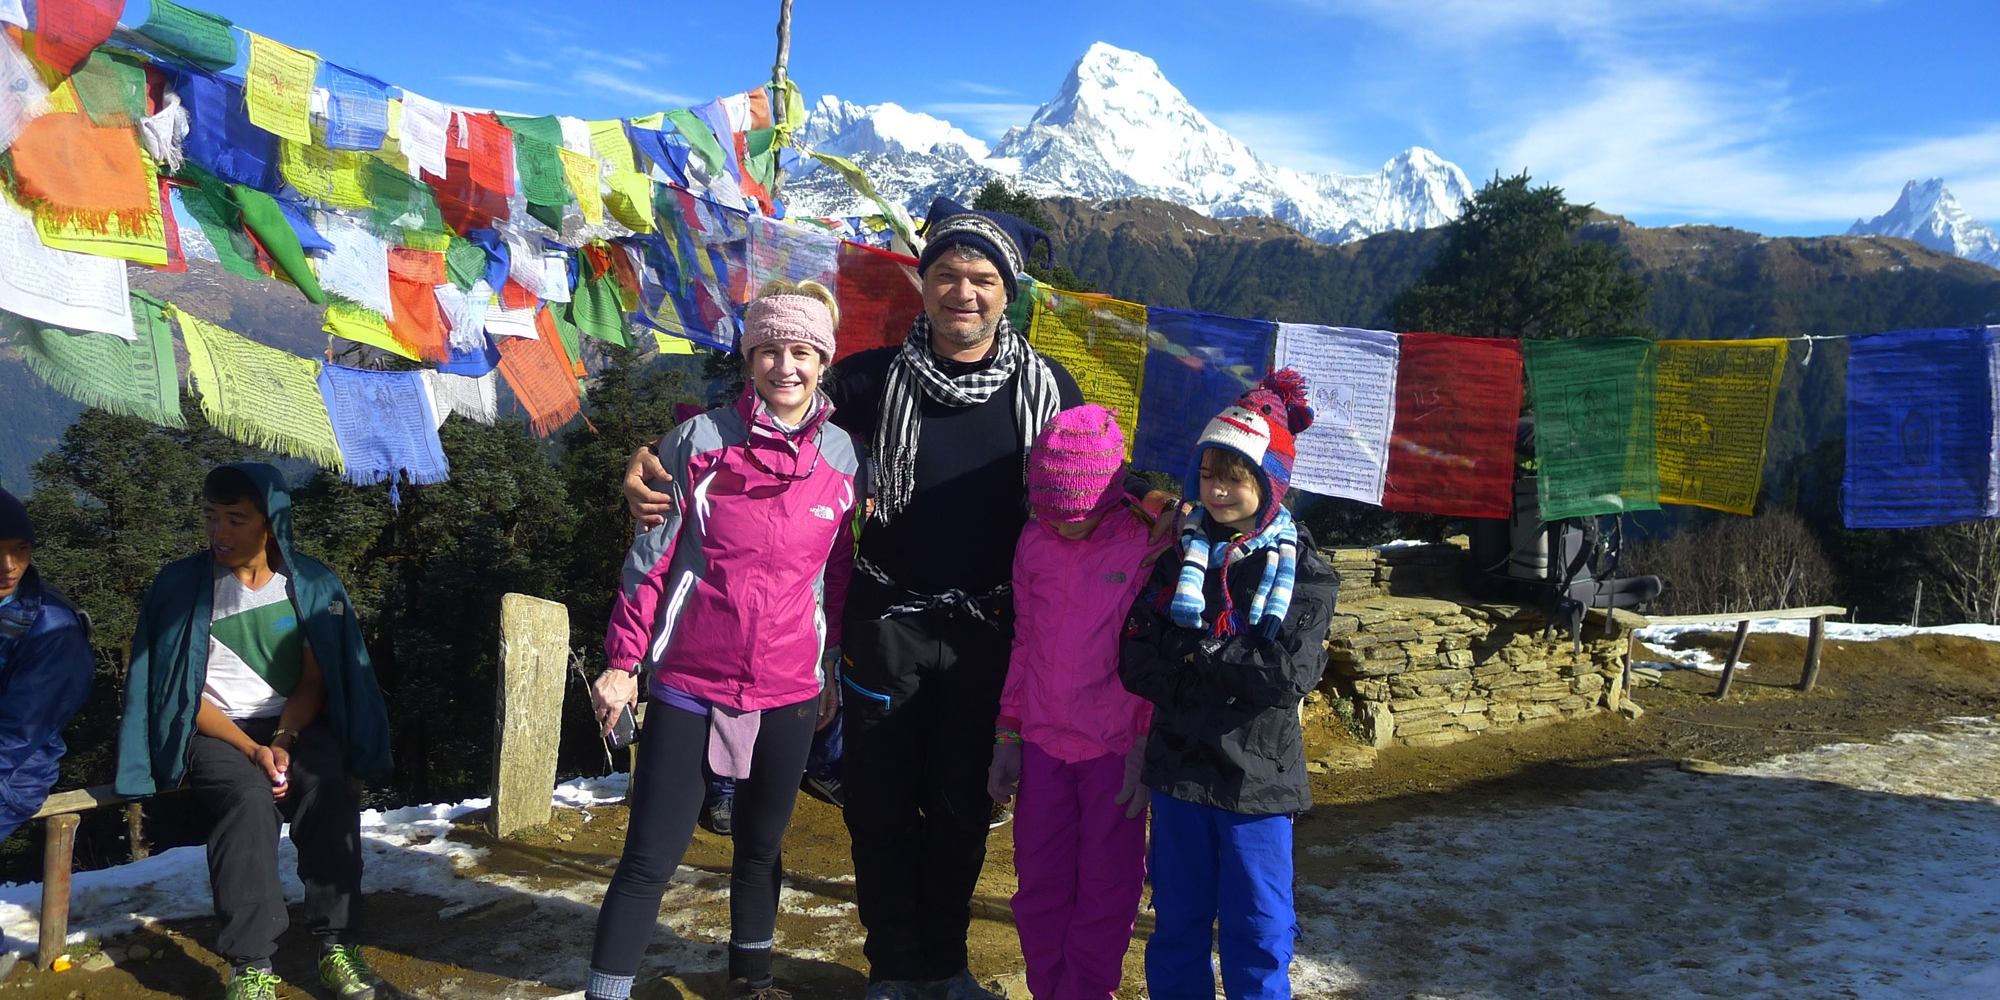 Annapurna Dhaulagiri Panorama Trekking